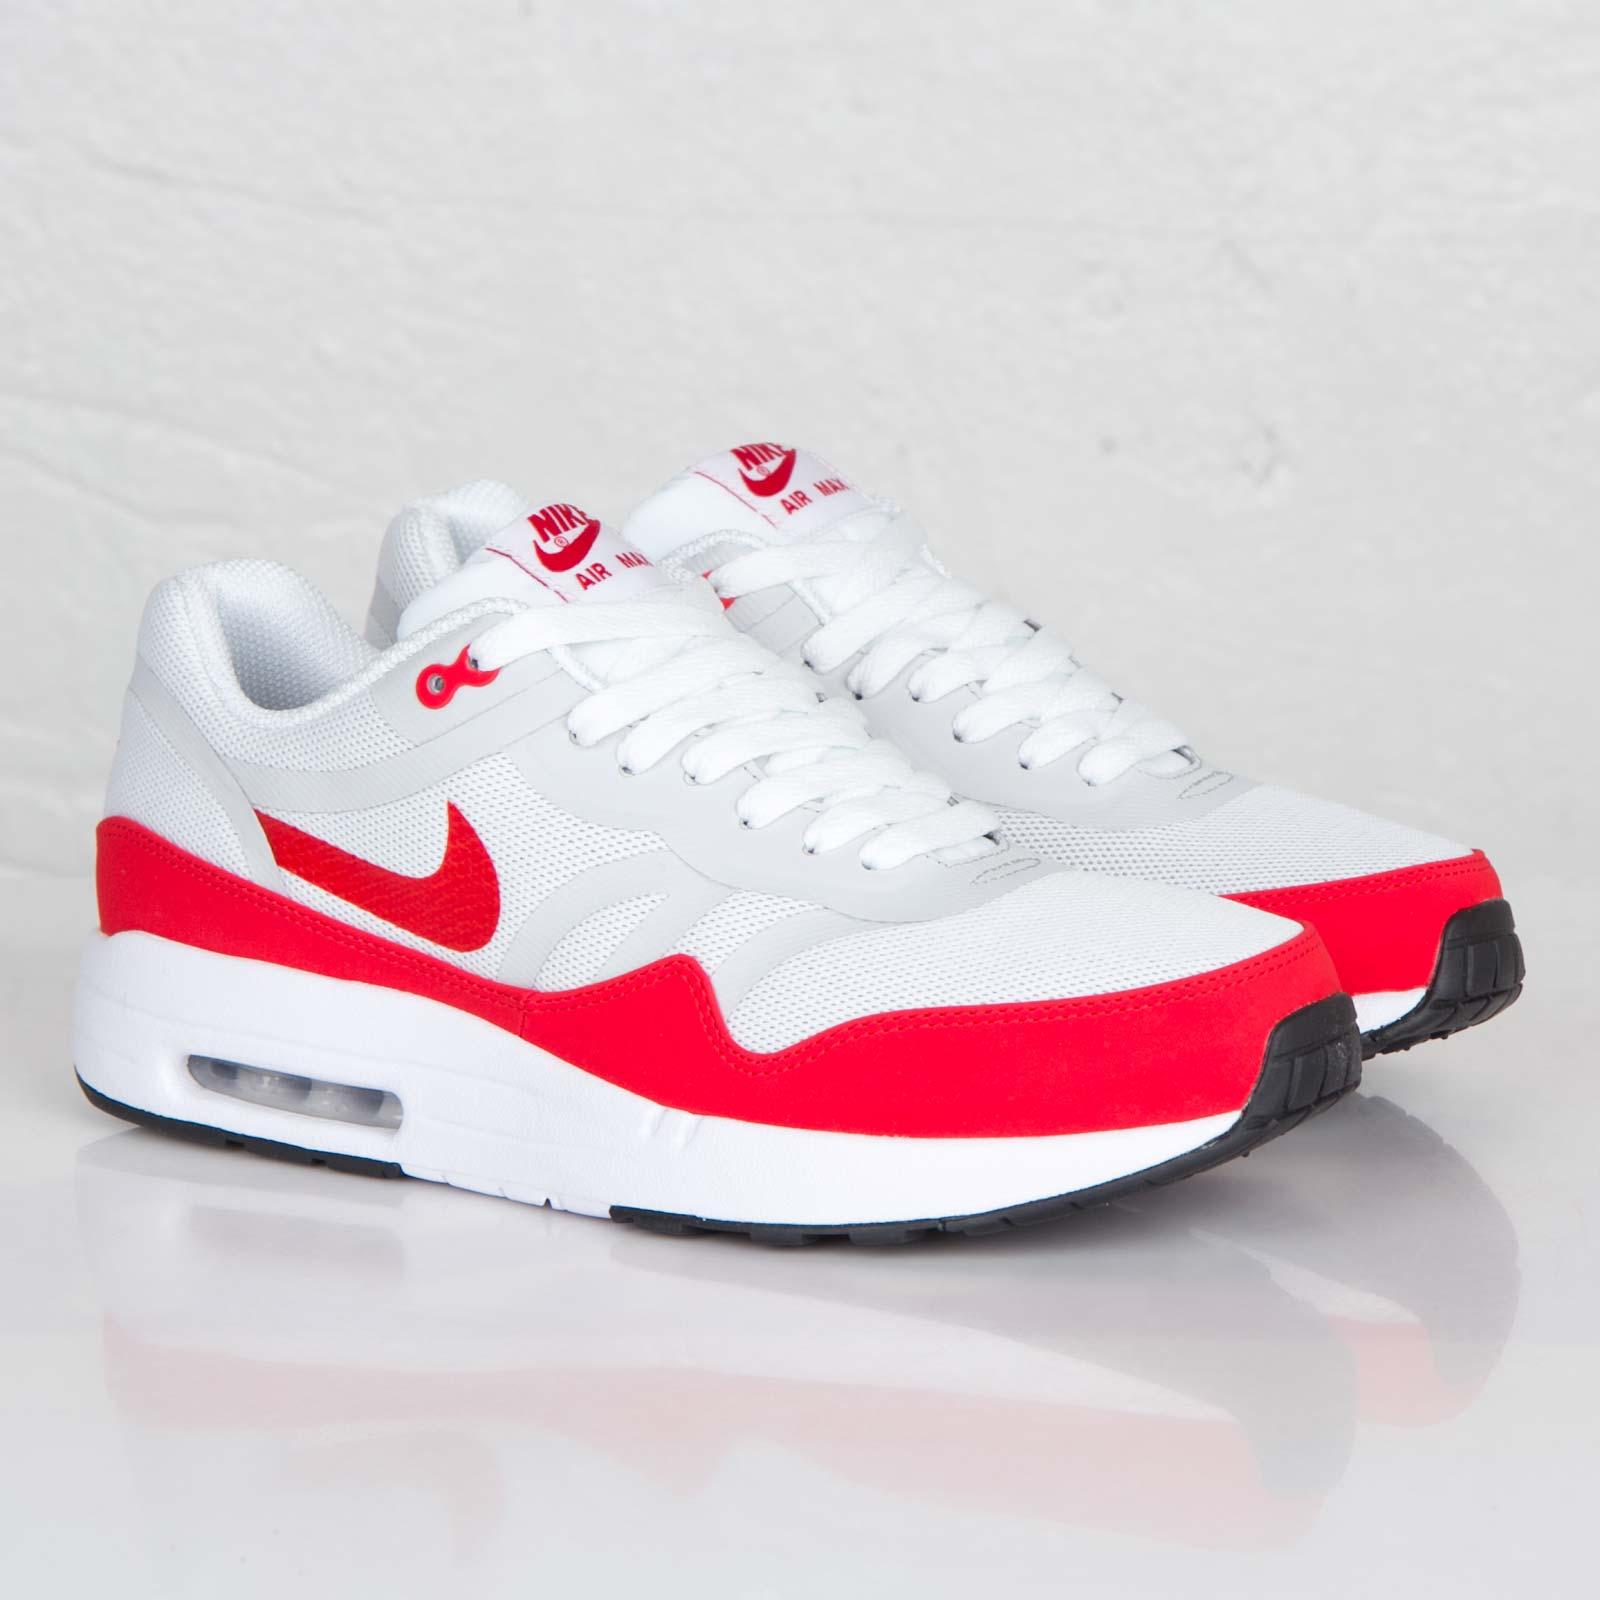 dd0e51248c68 Nike Air Max 1 Premium Tape QS - 624232-160 - Sneakersnstuff ...